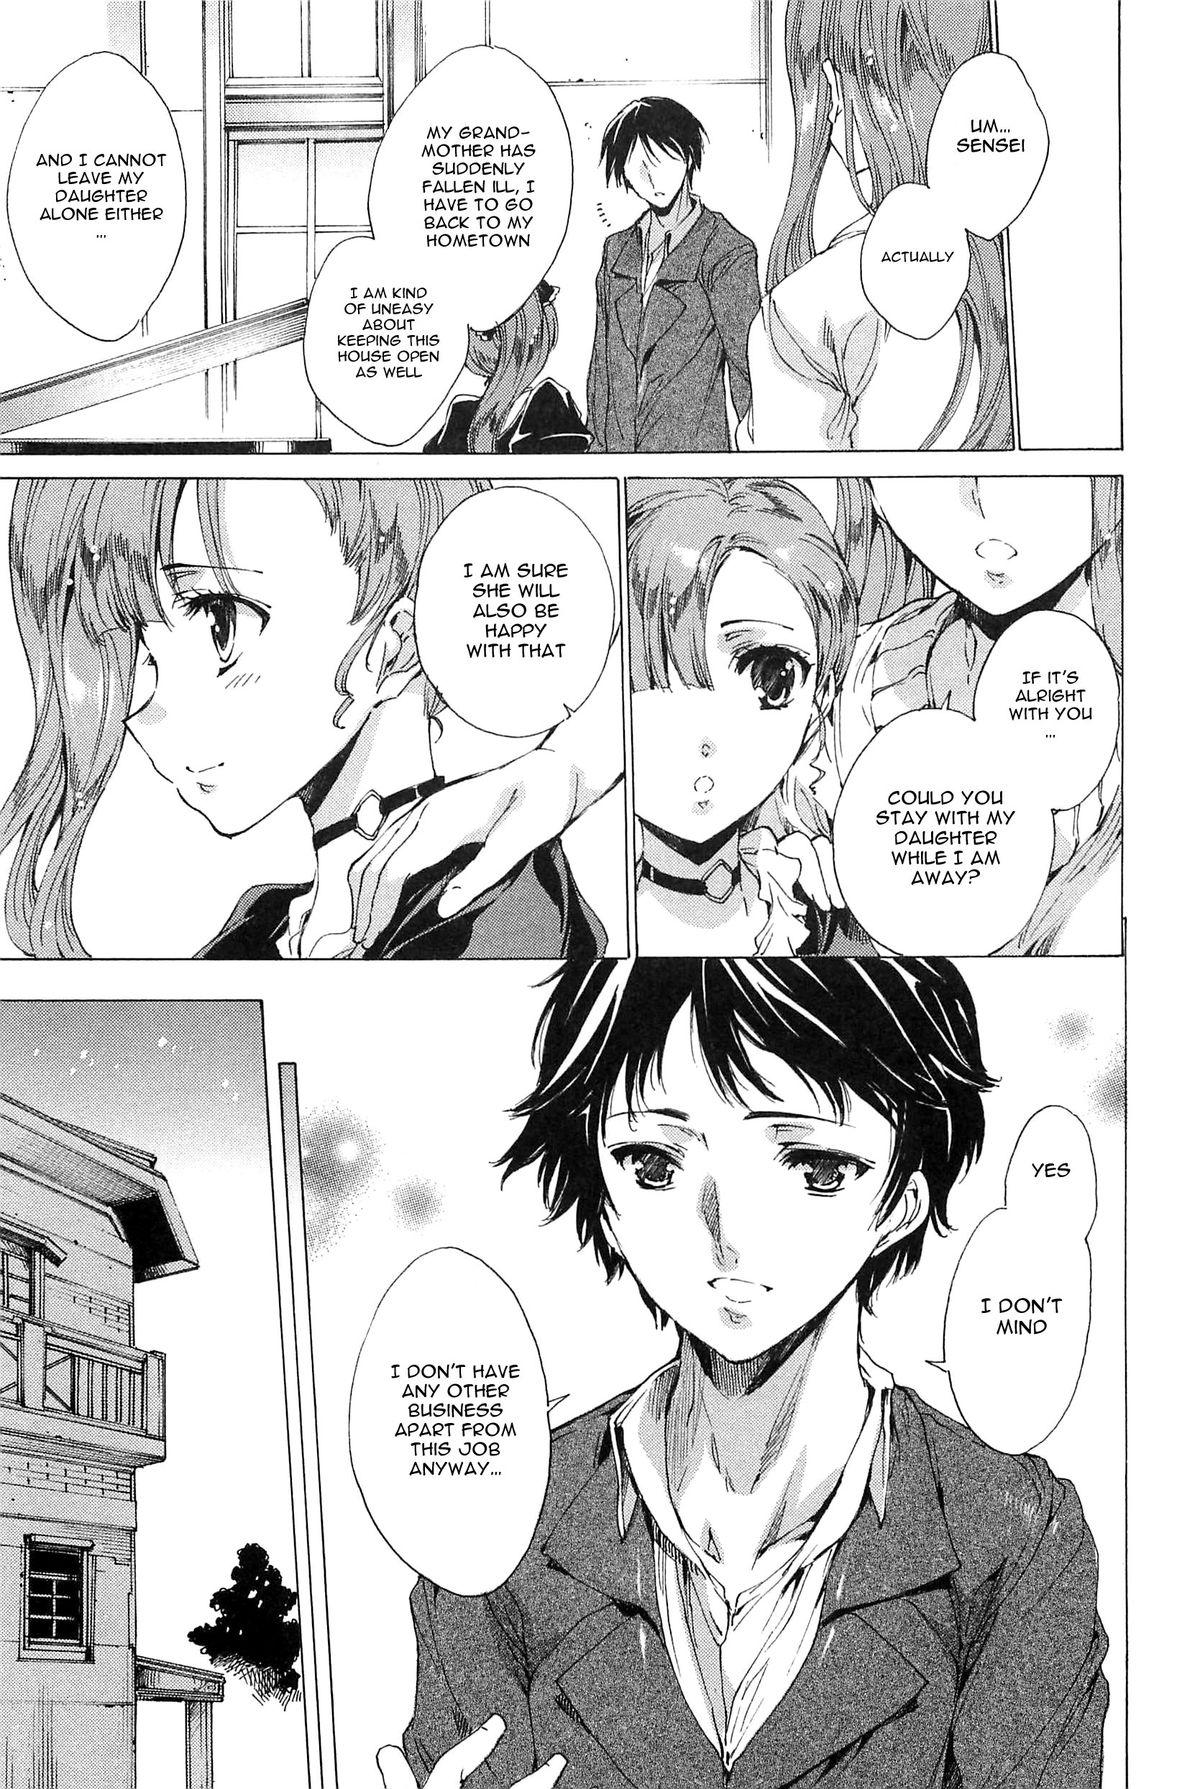 [Yuiga Naoha] Nikuyoku Rensa - NTR Kanojo   Chains of Lust - NTR Girlfriend [English] {doujin-moe.us} 204